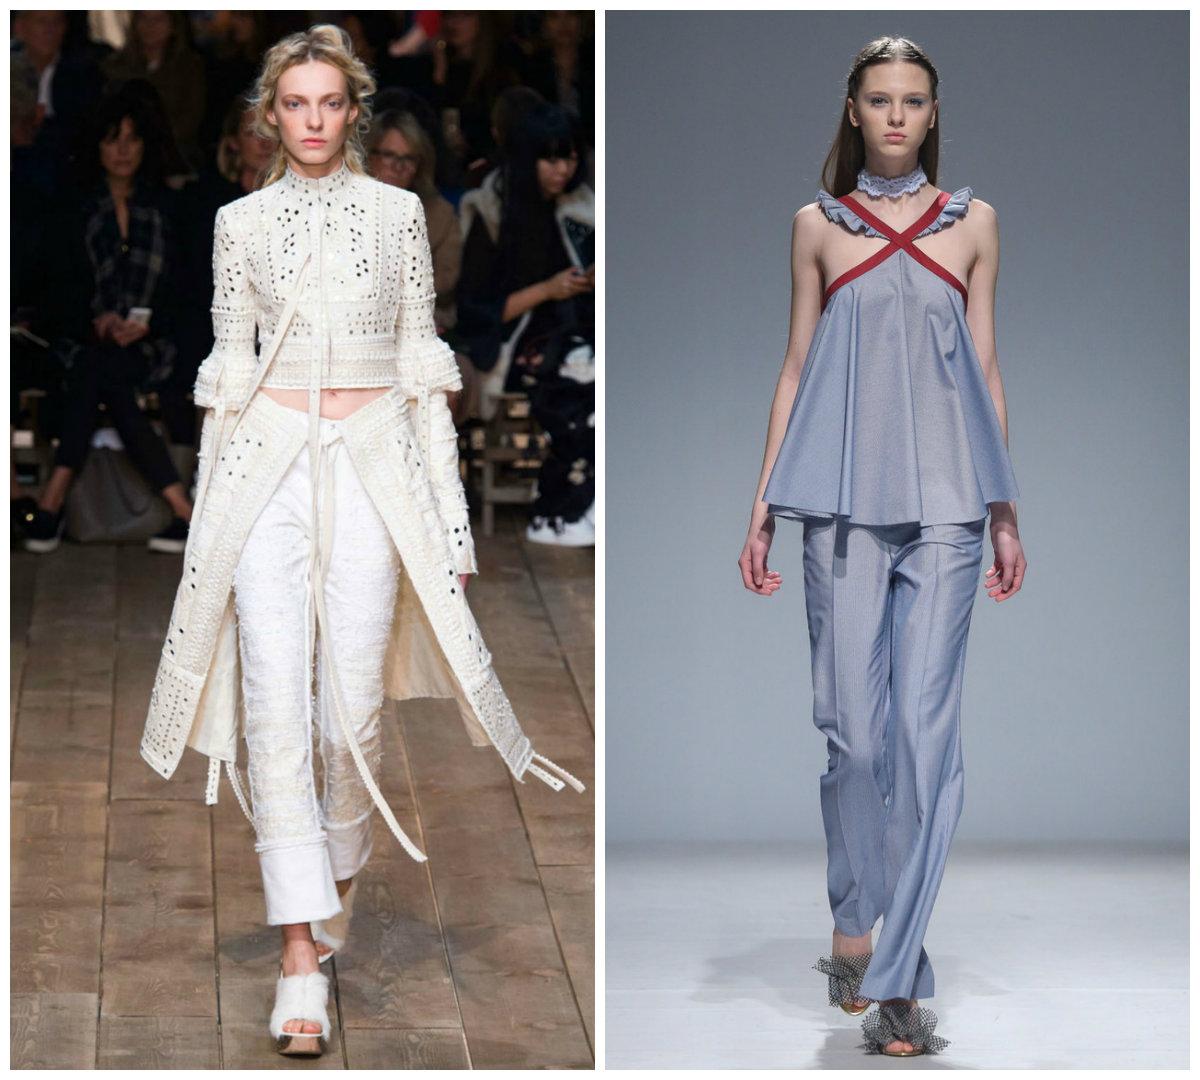 Брюки-женские-2019-года-модные-тенденции-фото-летние-брюки женские 2019 года